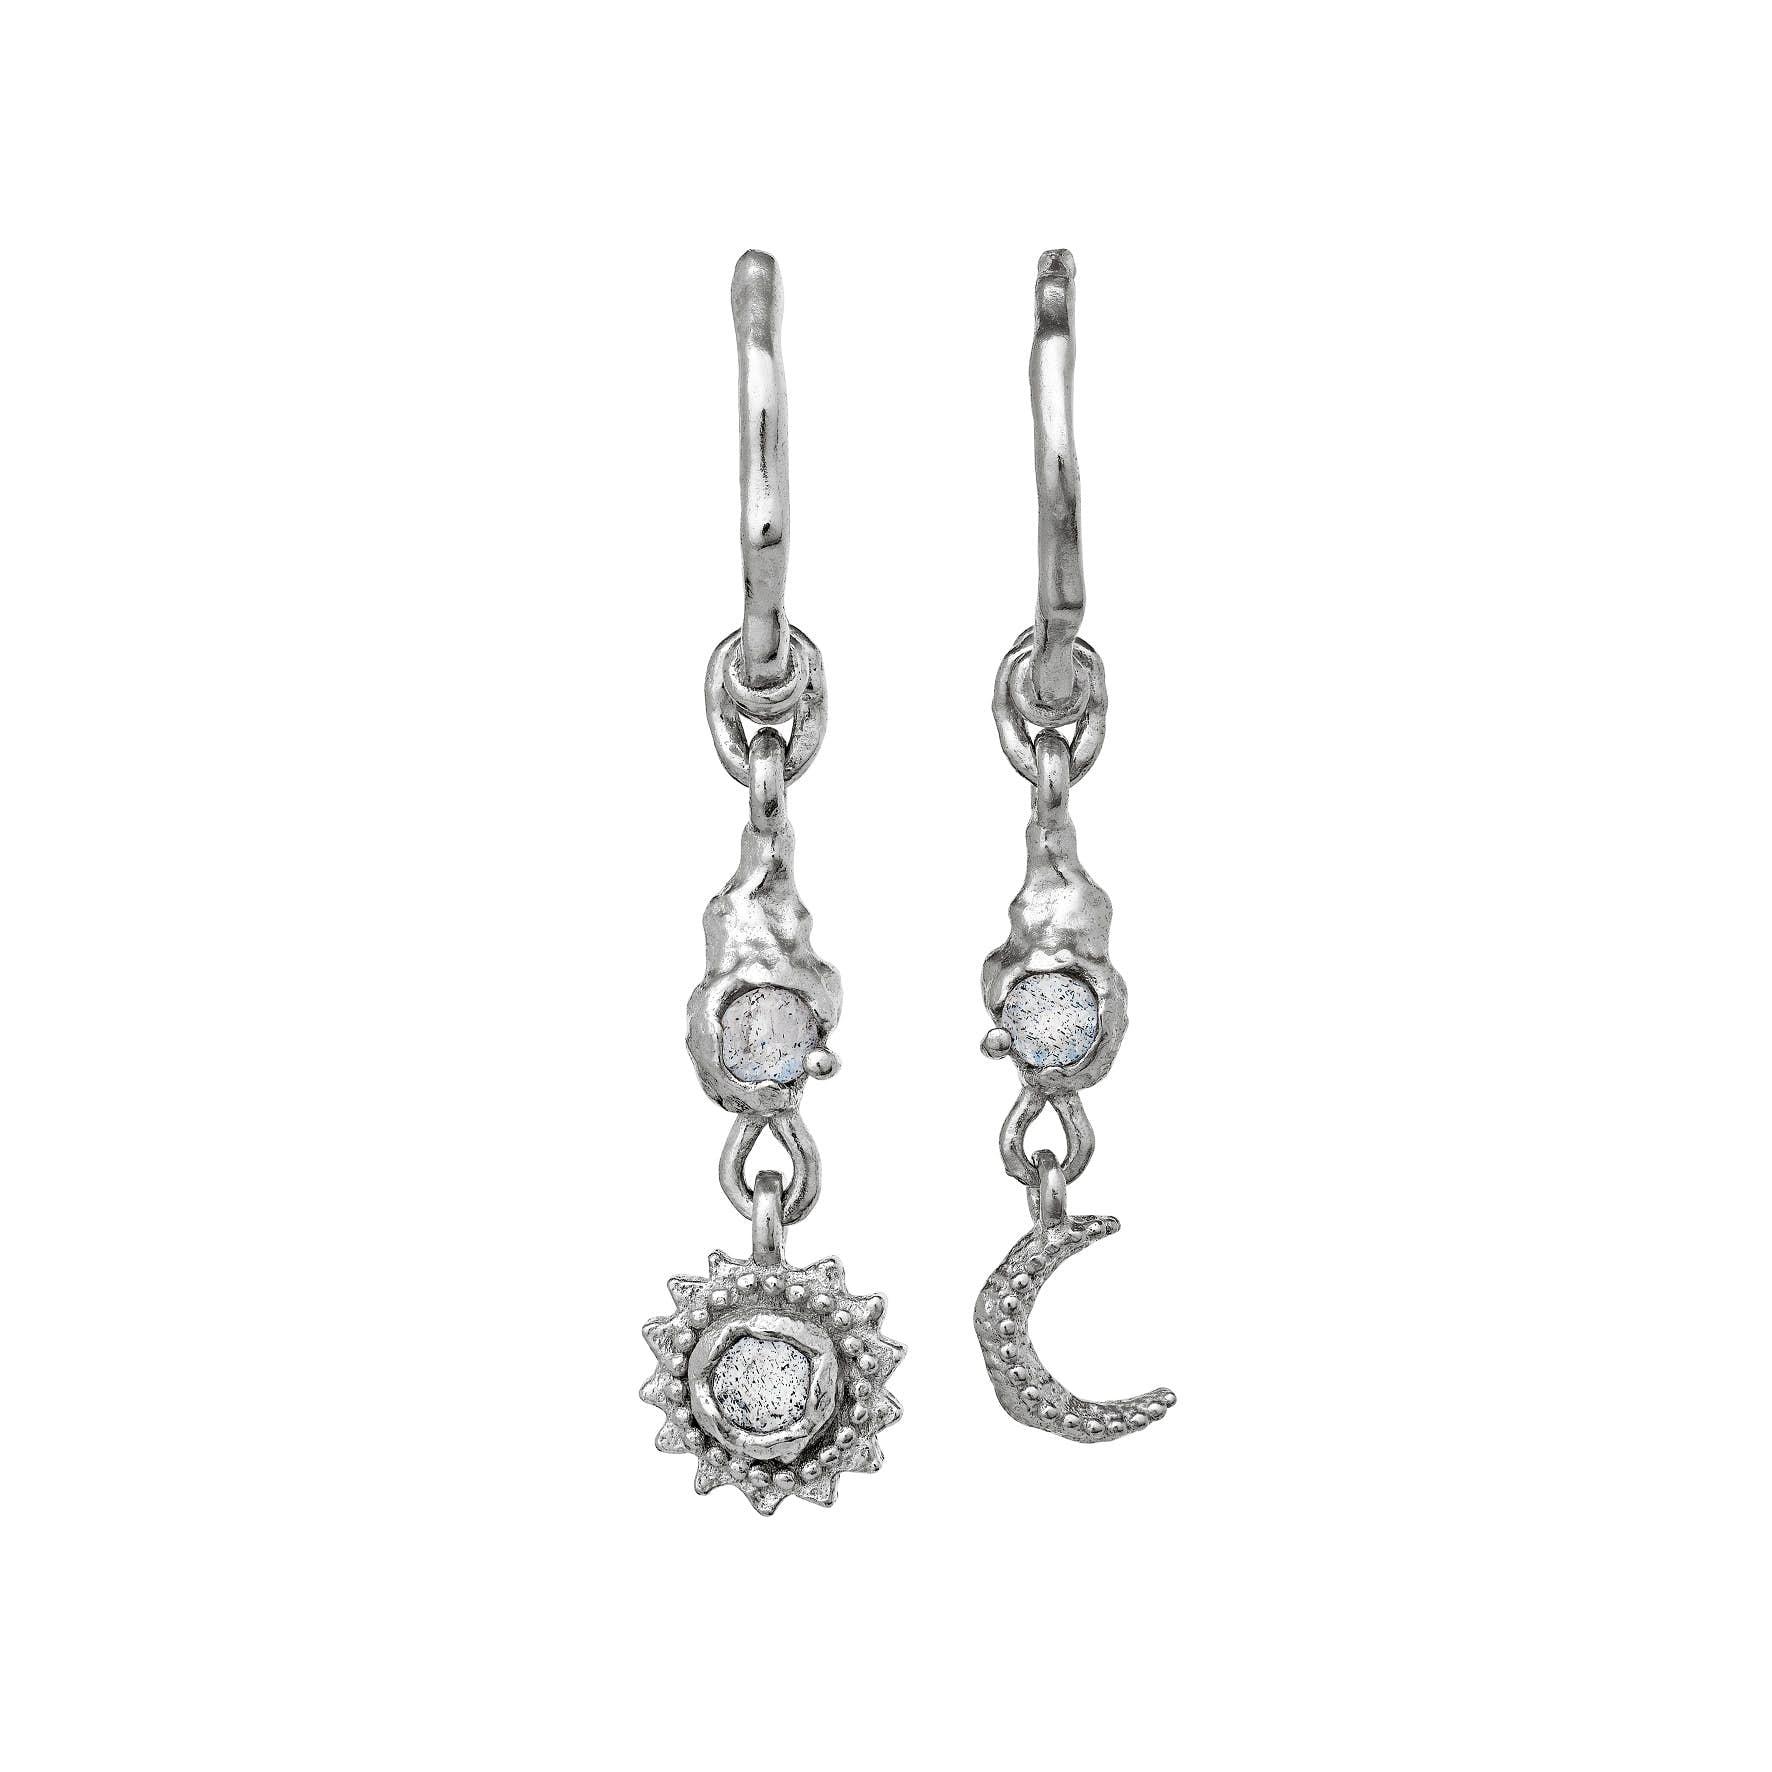 Ember Earrings from Maanesten in Silver Sterling 925